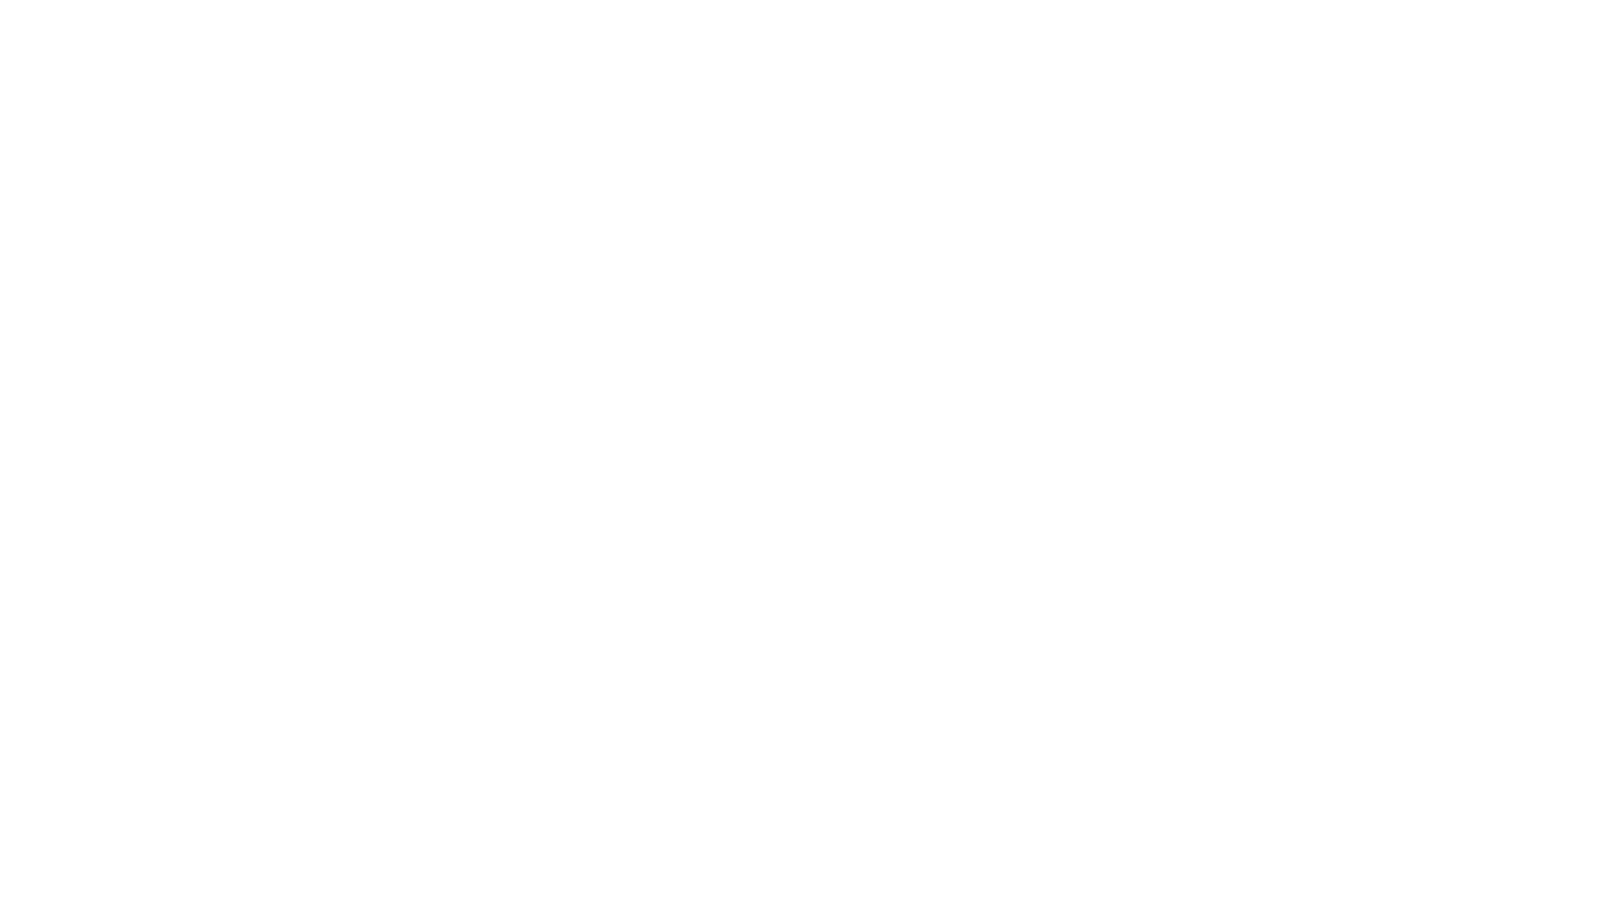 """No novo ciclo de palestras do Manual Judaico, """"Um olhar para dentro de nós"""", o Rabino Y. David Weitman te convida a lançar um olhar para si mesmo, com aulas profundas sobre nossa essência e existência.  Na aula de hoje o tema é """"Integridade e Ética"""".  Você encontra mais sobre esse e outros conteúdos assinados pelo Rabino Y. David Weitman no portal do Legal Saber: www.legalsaber.com.br"""